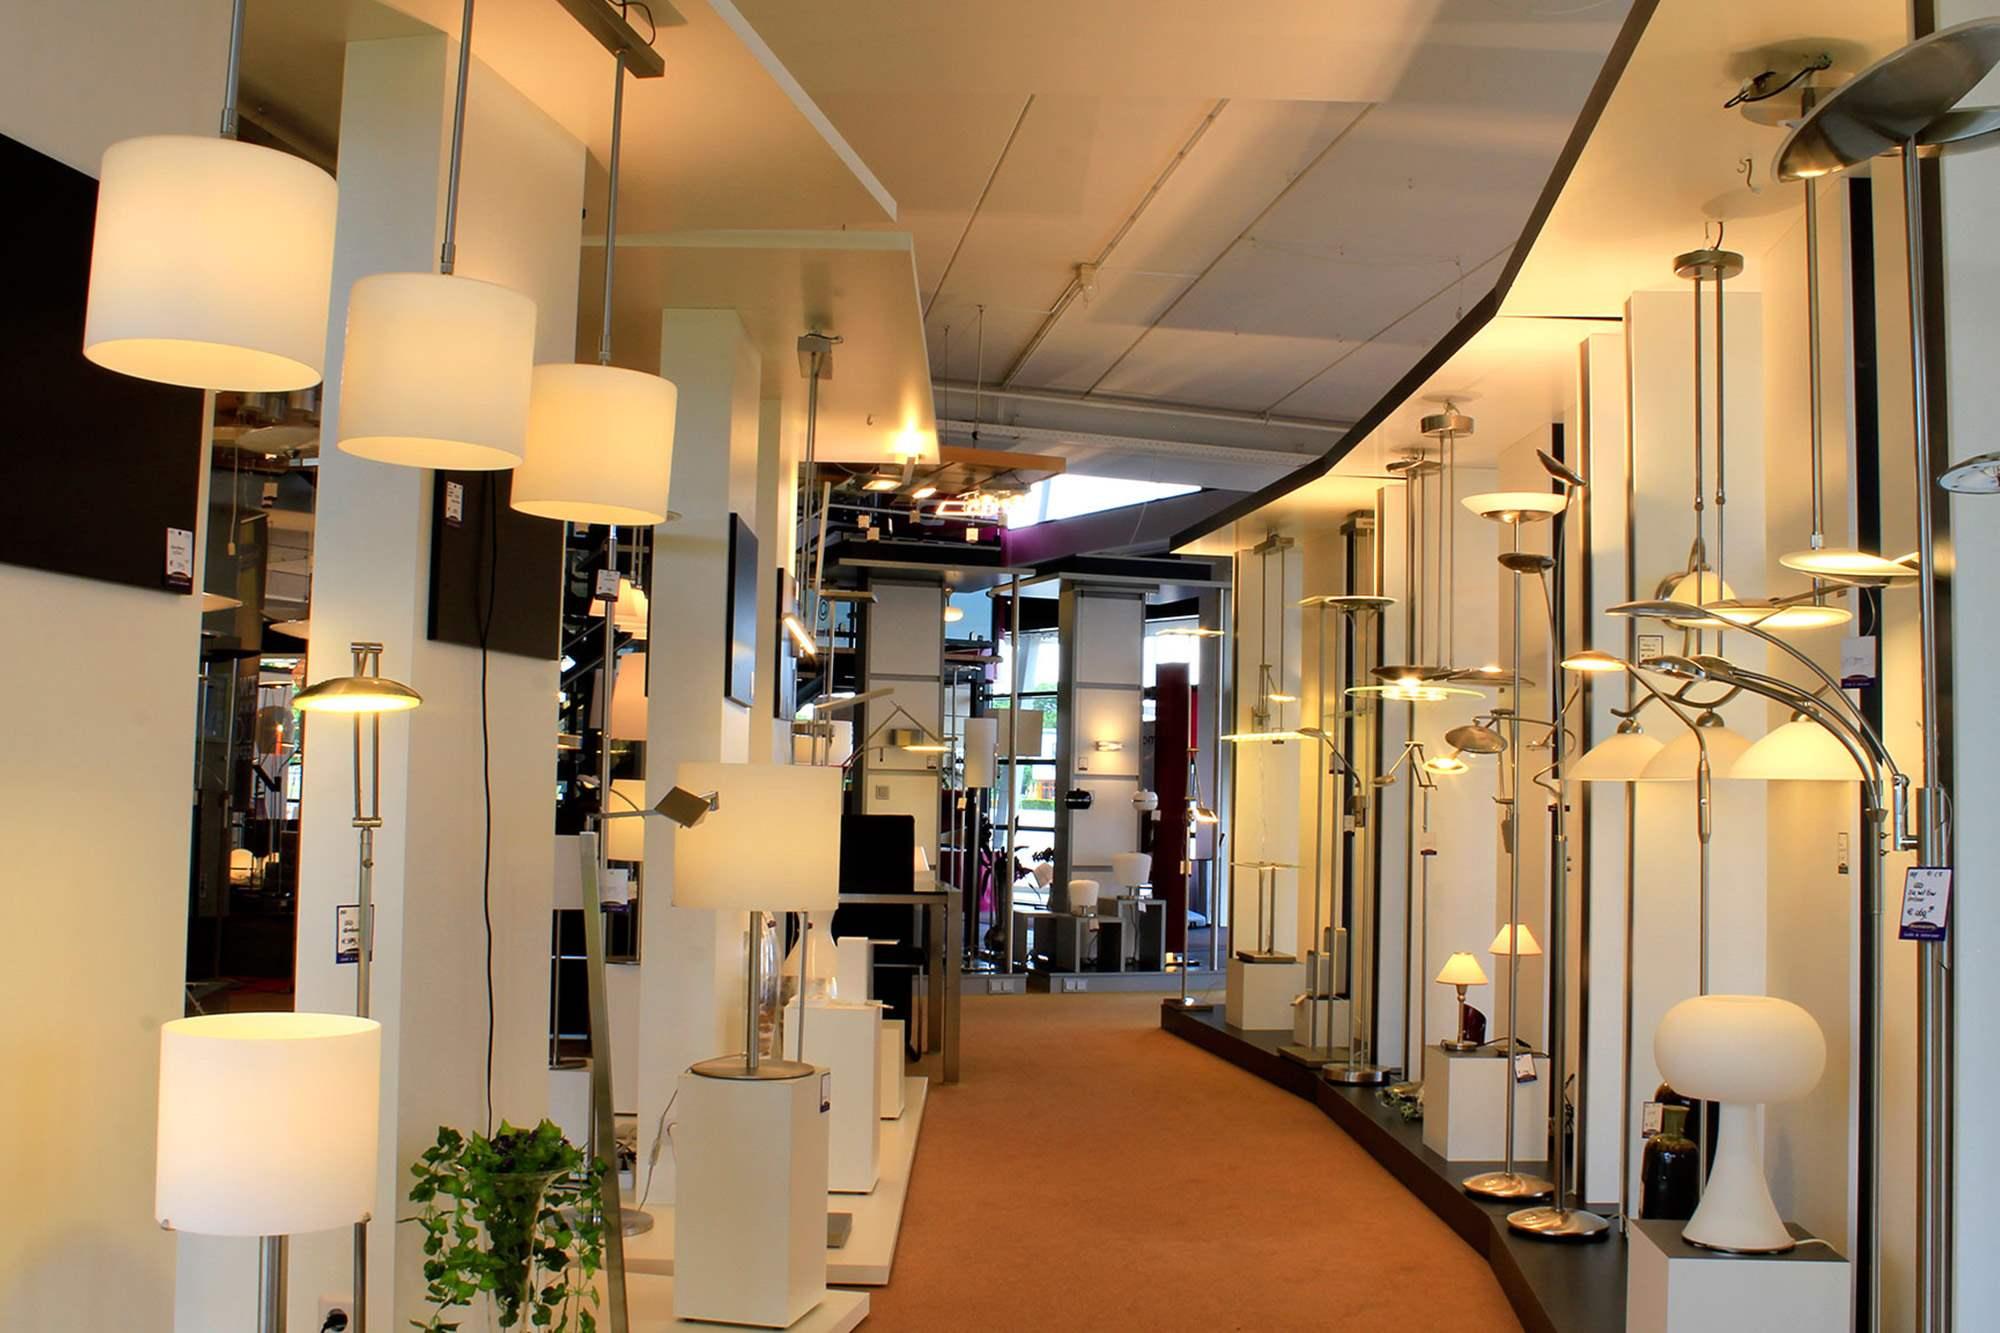 Wormskamp Licht & Interieur Doetinchem – Licht doet leven